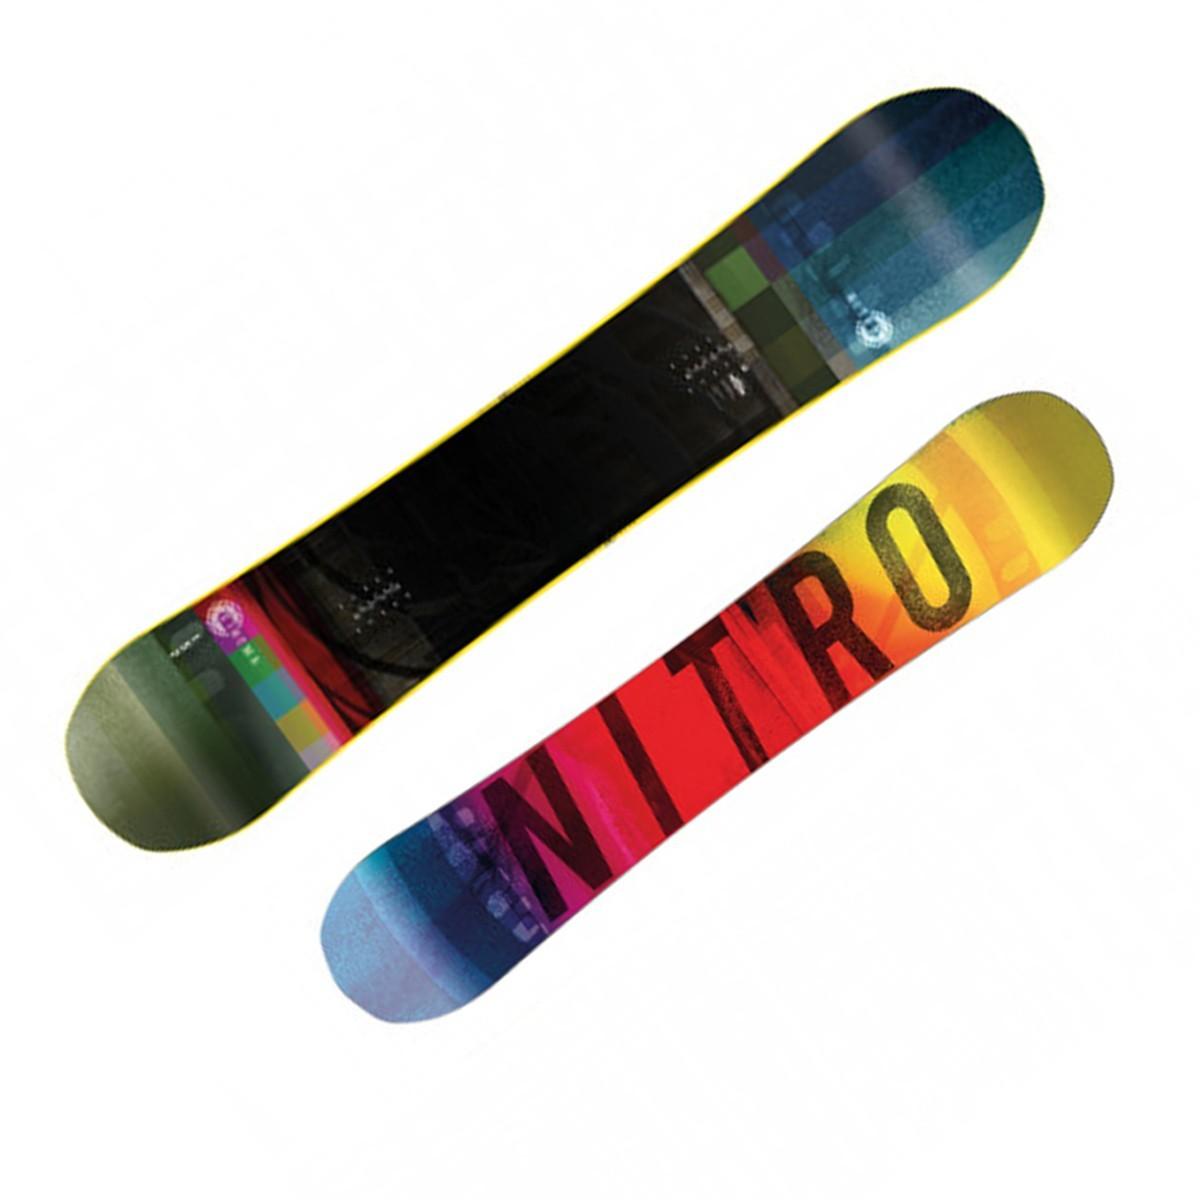 Snowboard Nitro Cinema rental (Colore: verde-grigio-giallo, Taglia: 159)